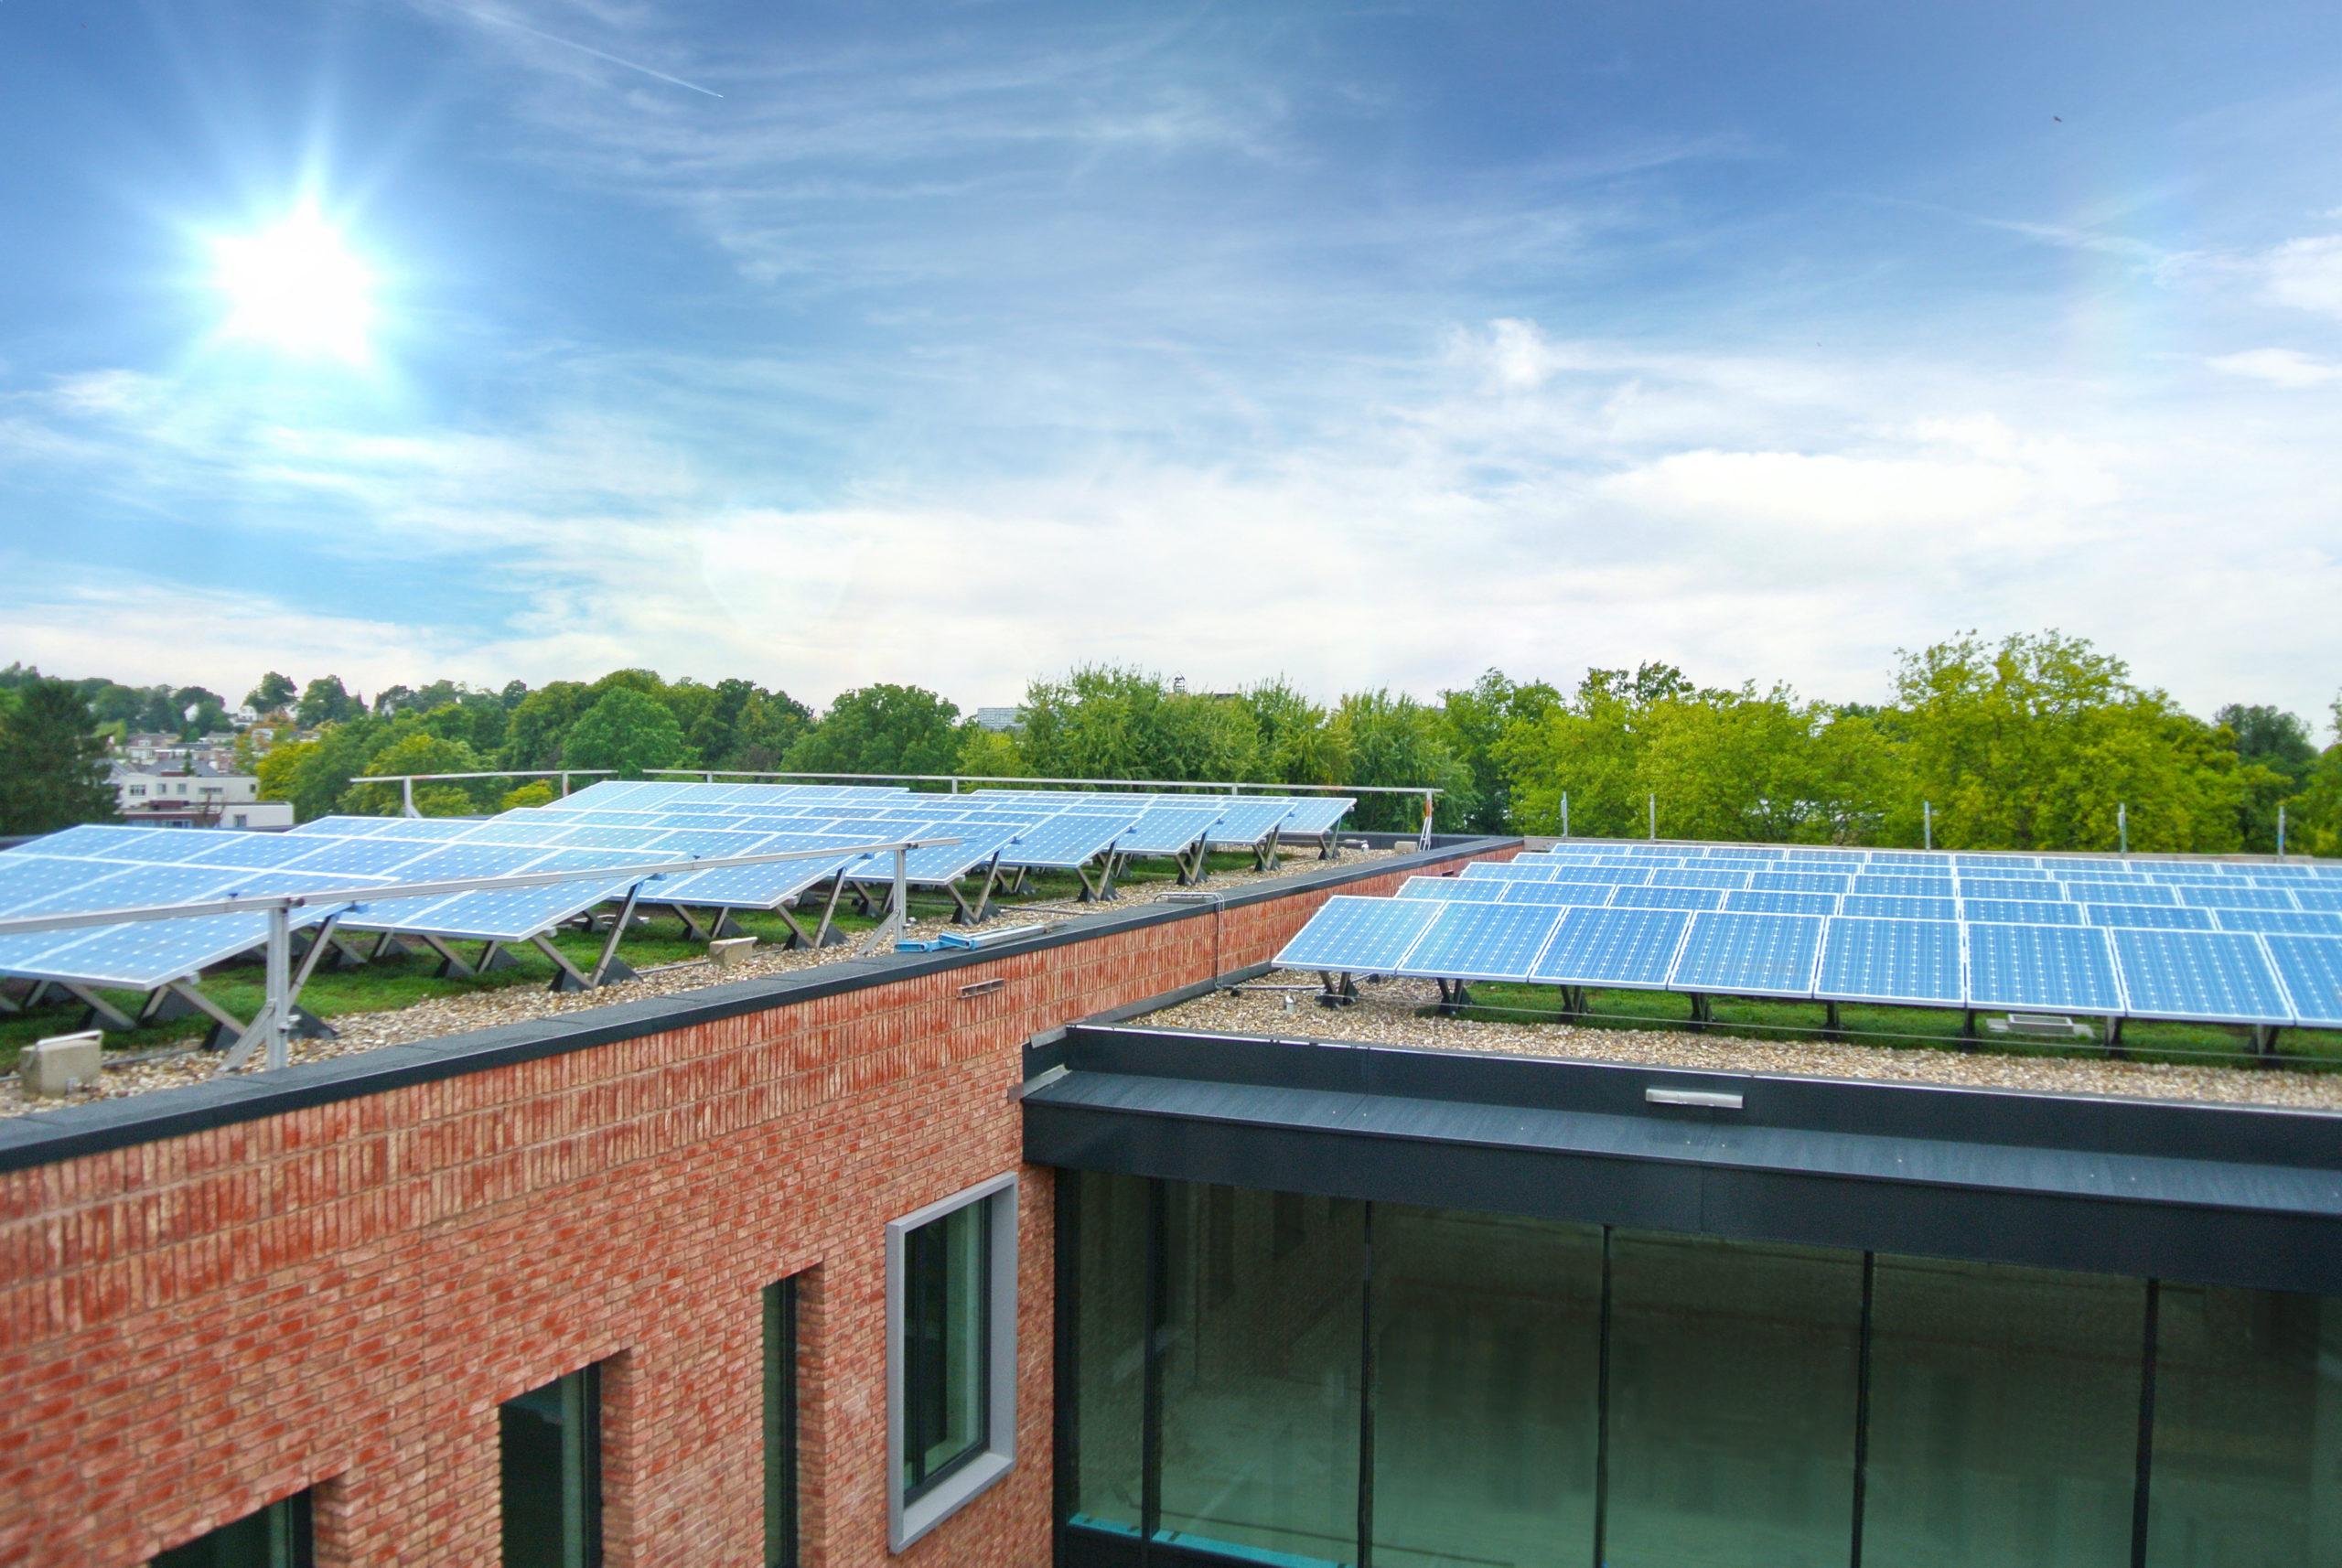 instalacja fotowoltaiczna i dach zielony